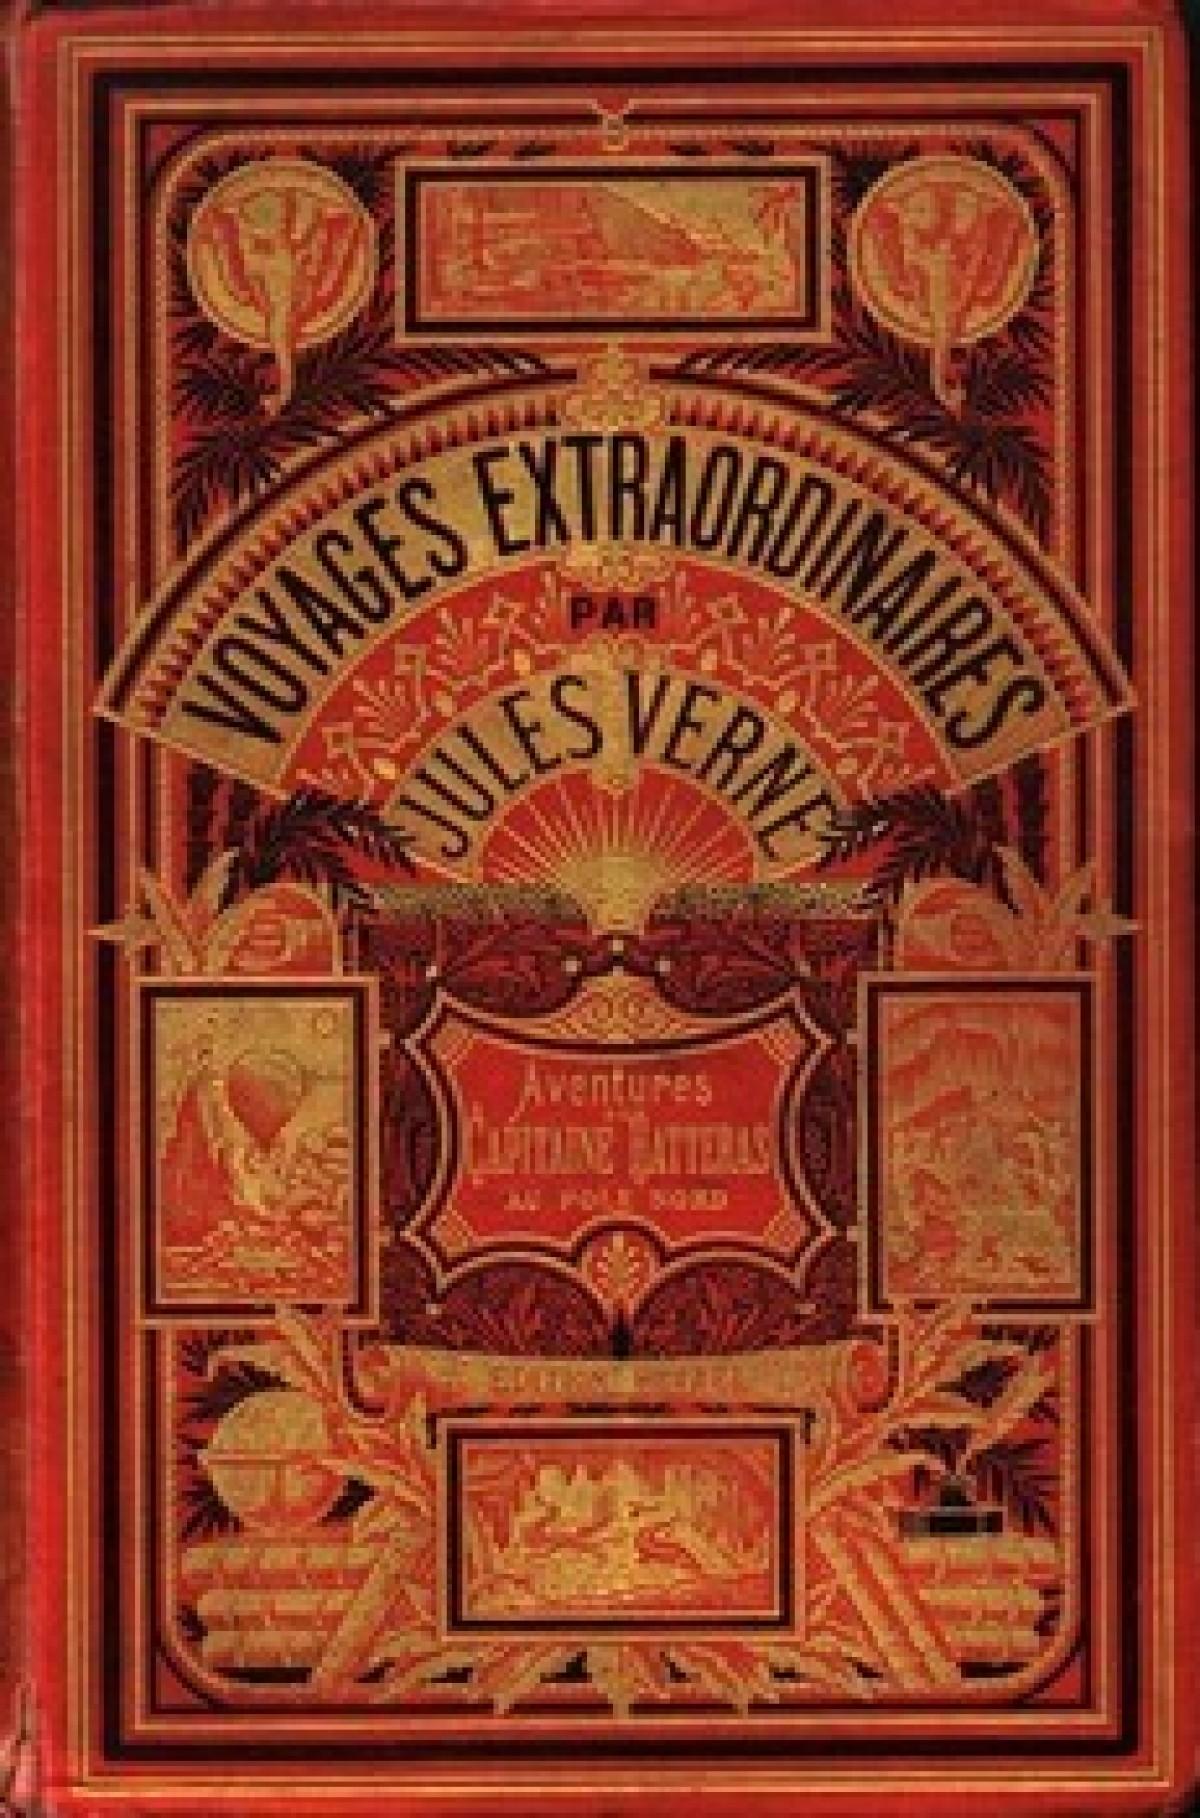 personnalités Nantes - Jules Verne